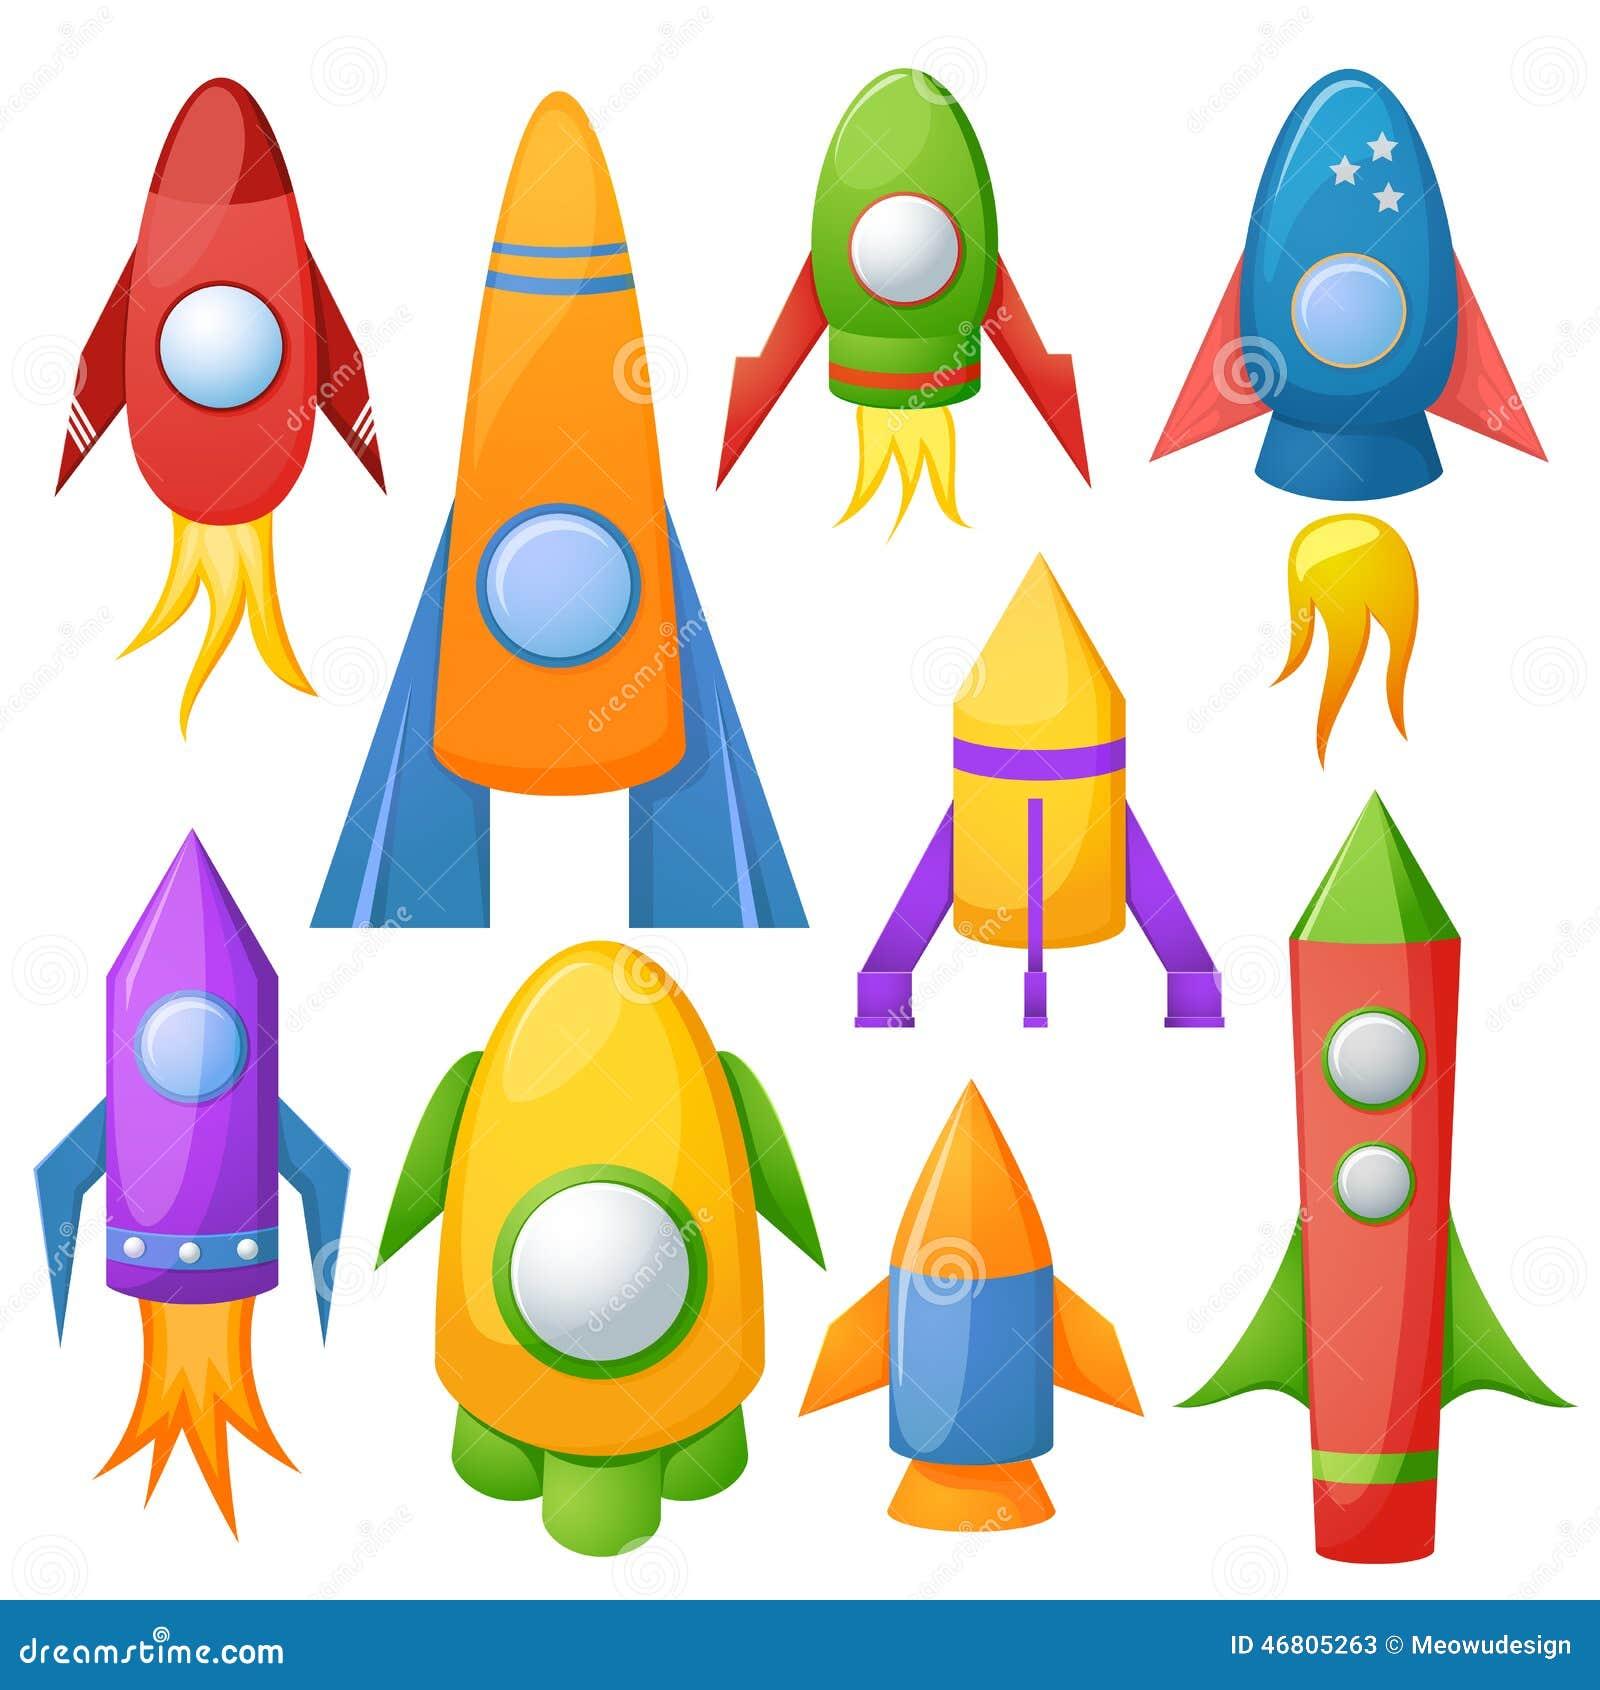 Cartoon Rocket 3D Vector Illustration Set Stock Vector ...